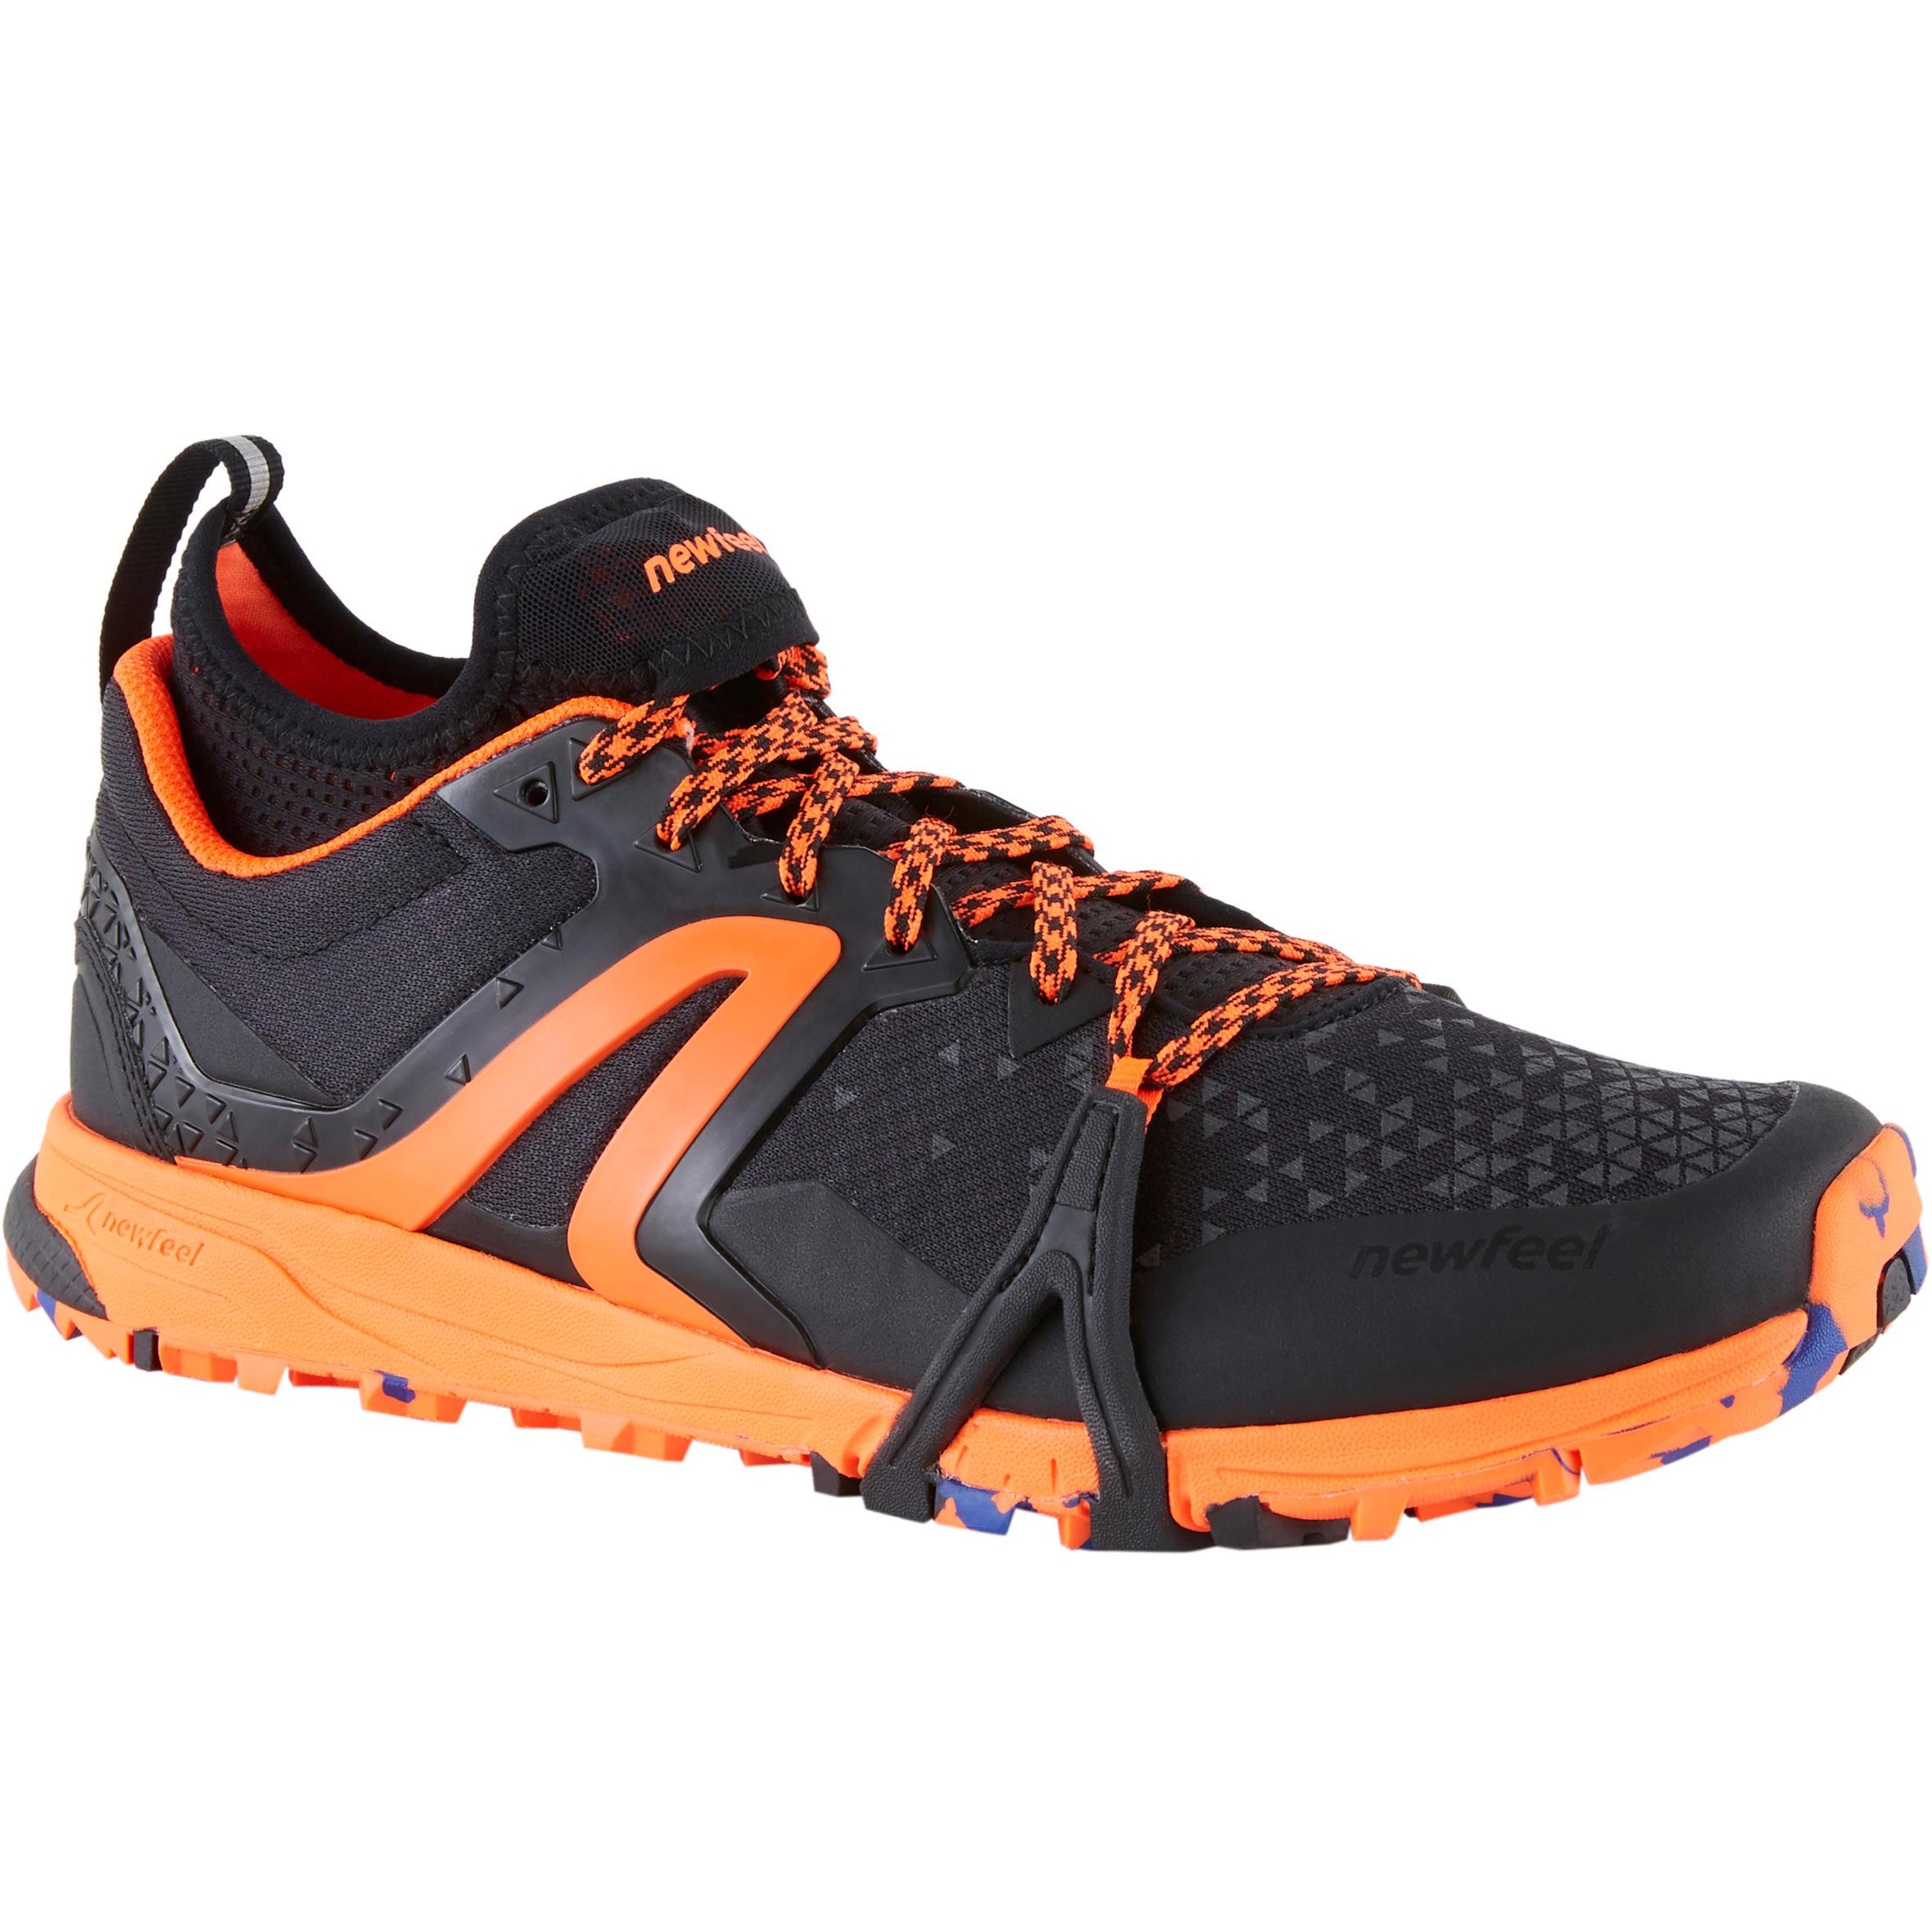 Chaussures de marche nordique homme NW 900 Flex-H noir / orange - Newfeel